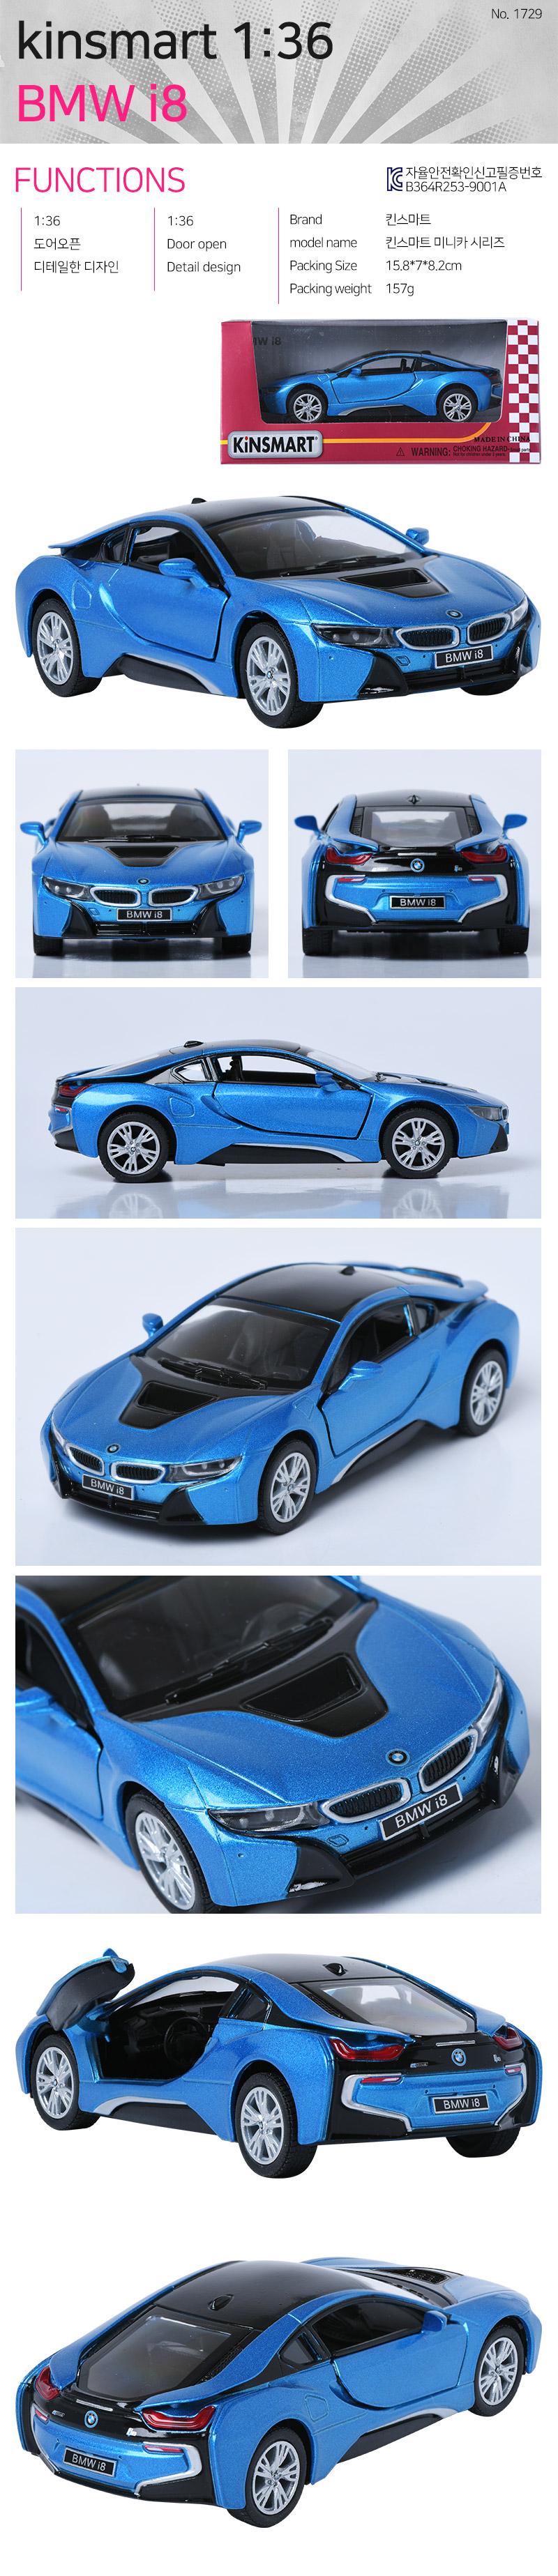 Kinsmart 1 36 BMW i8 Blue Display Mini Car Miniature Car Toy